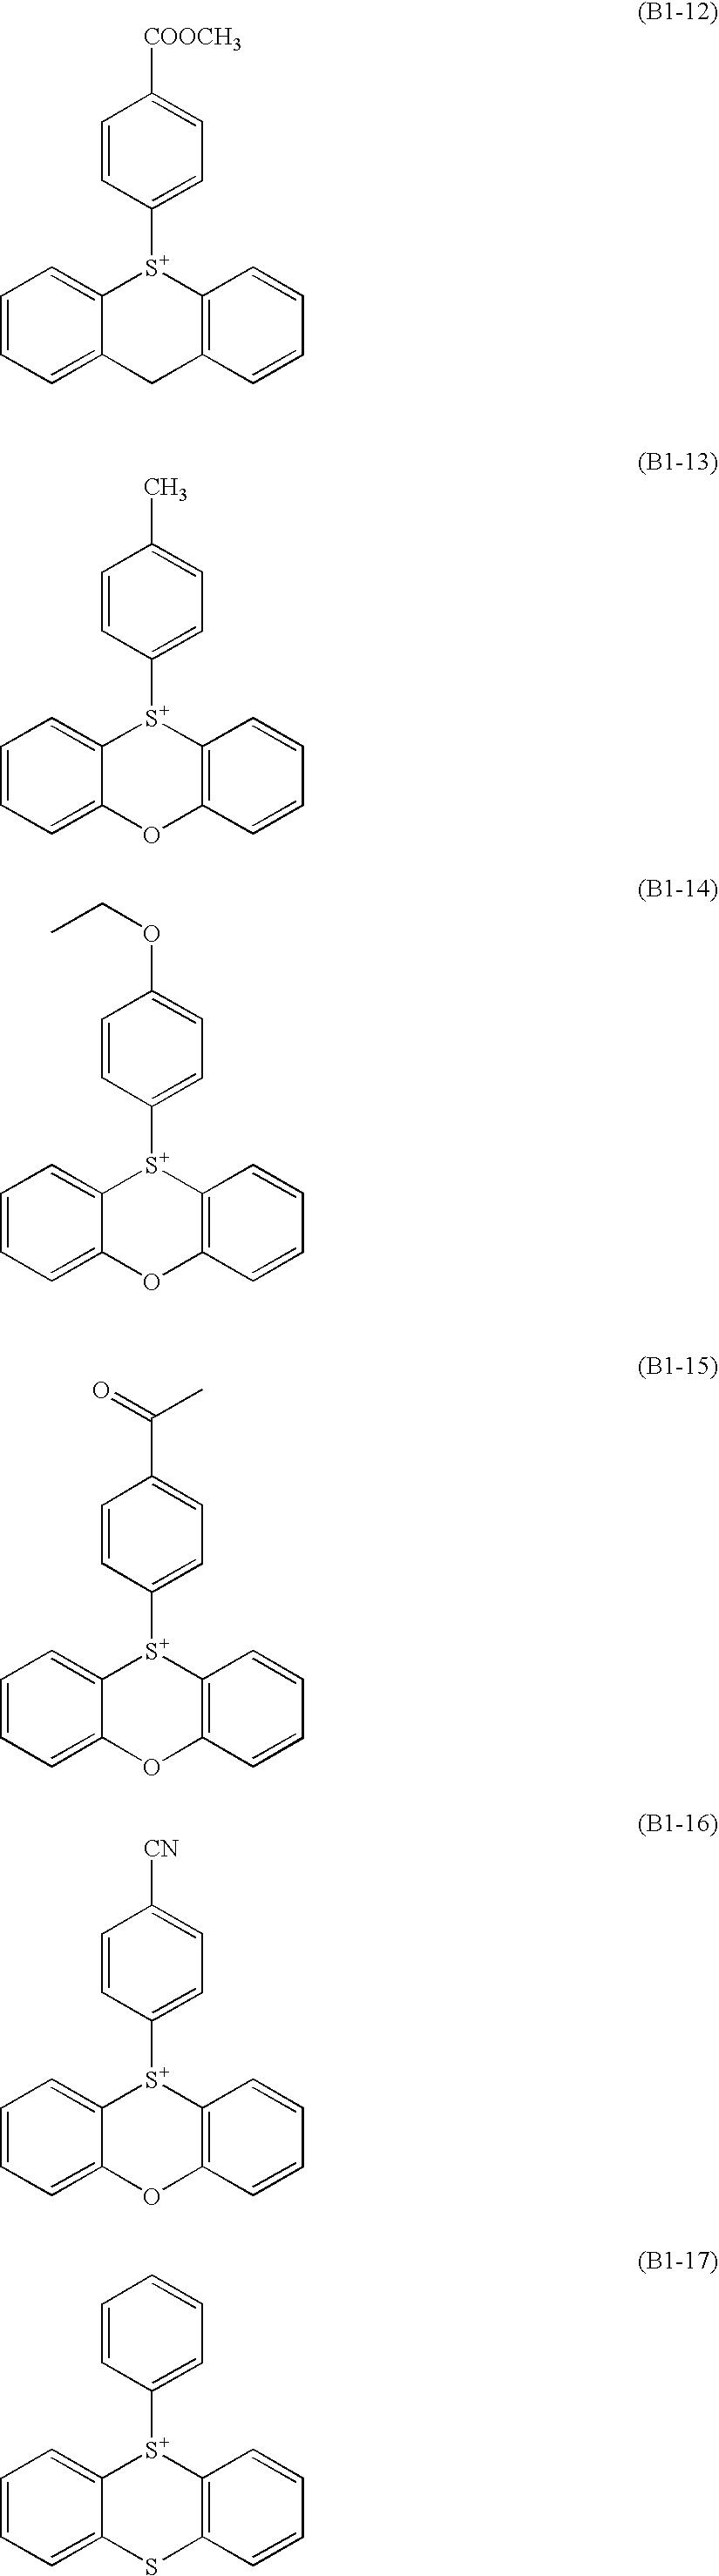 Figure US20100183975A1-20100722-C00012